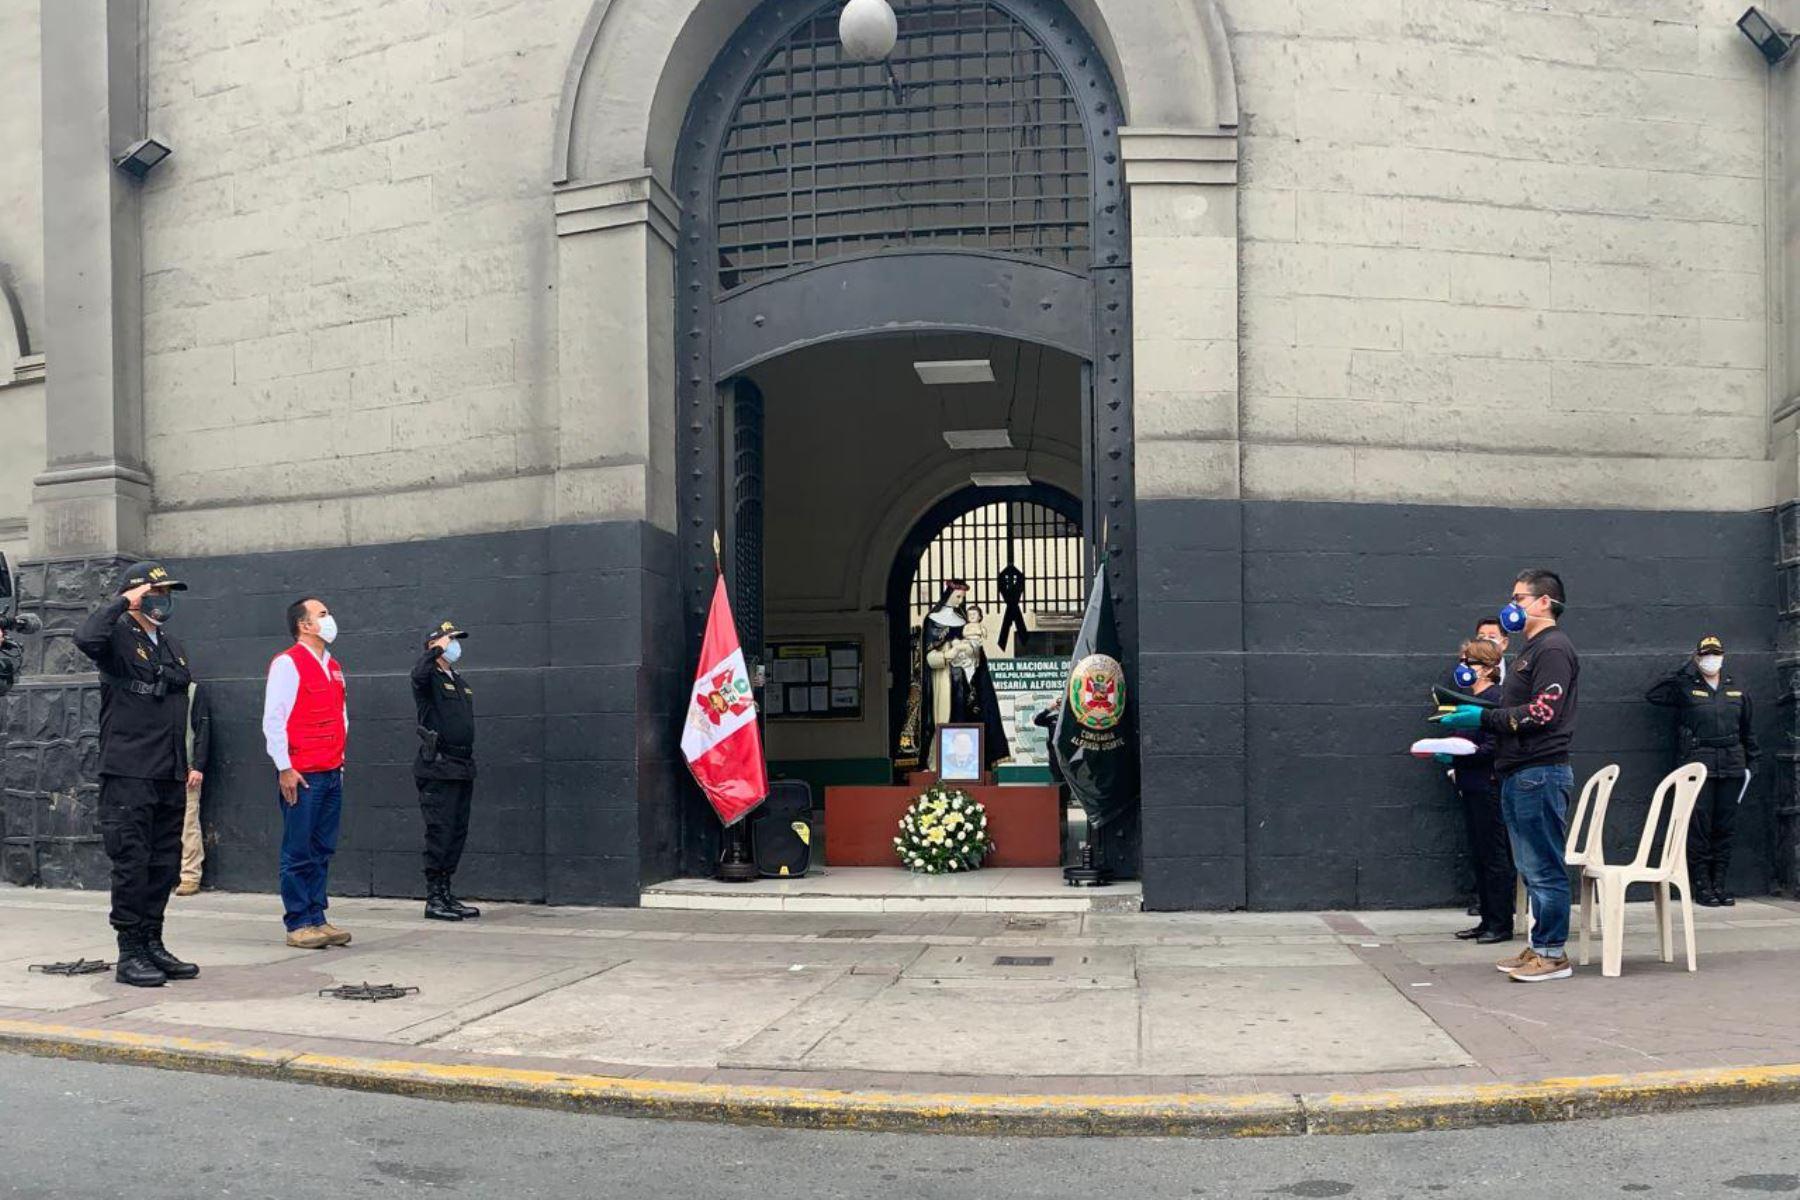 Ministro del Interior, Gastón Rodríguez, rinde homenaje póstumo, en la comisaría Alfonso Ugarte, al suboficial de la de PNP, David Monteagudo Rojas, quien falleció a causa del coronavirus. Foto: ANDINA/Mininter